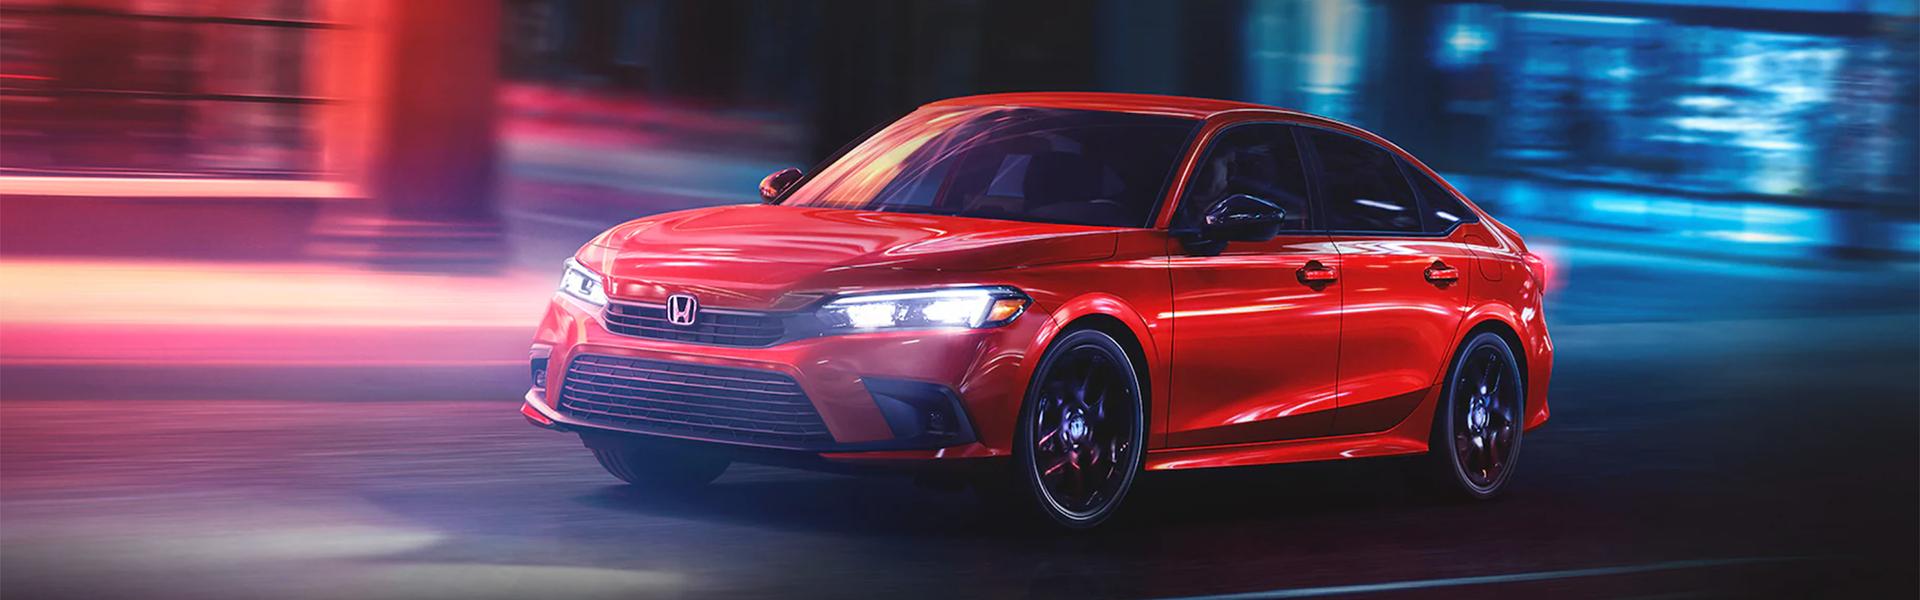 2022 Honda Civic Hero